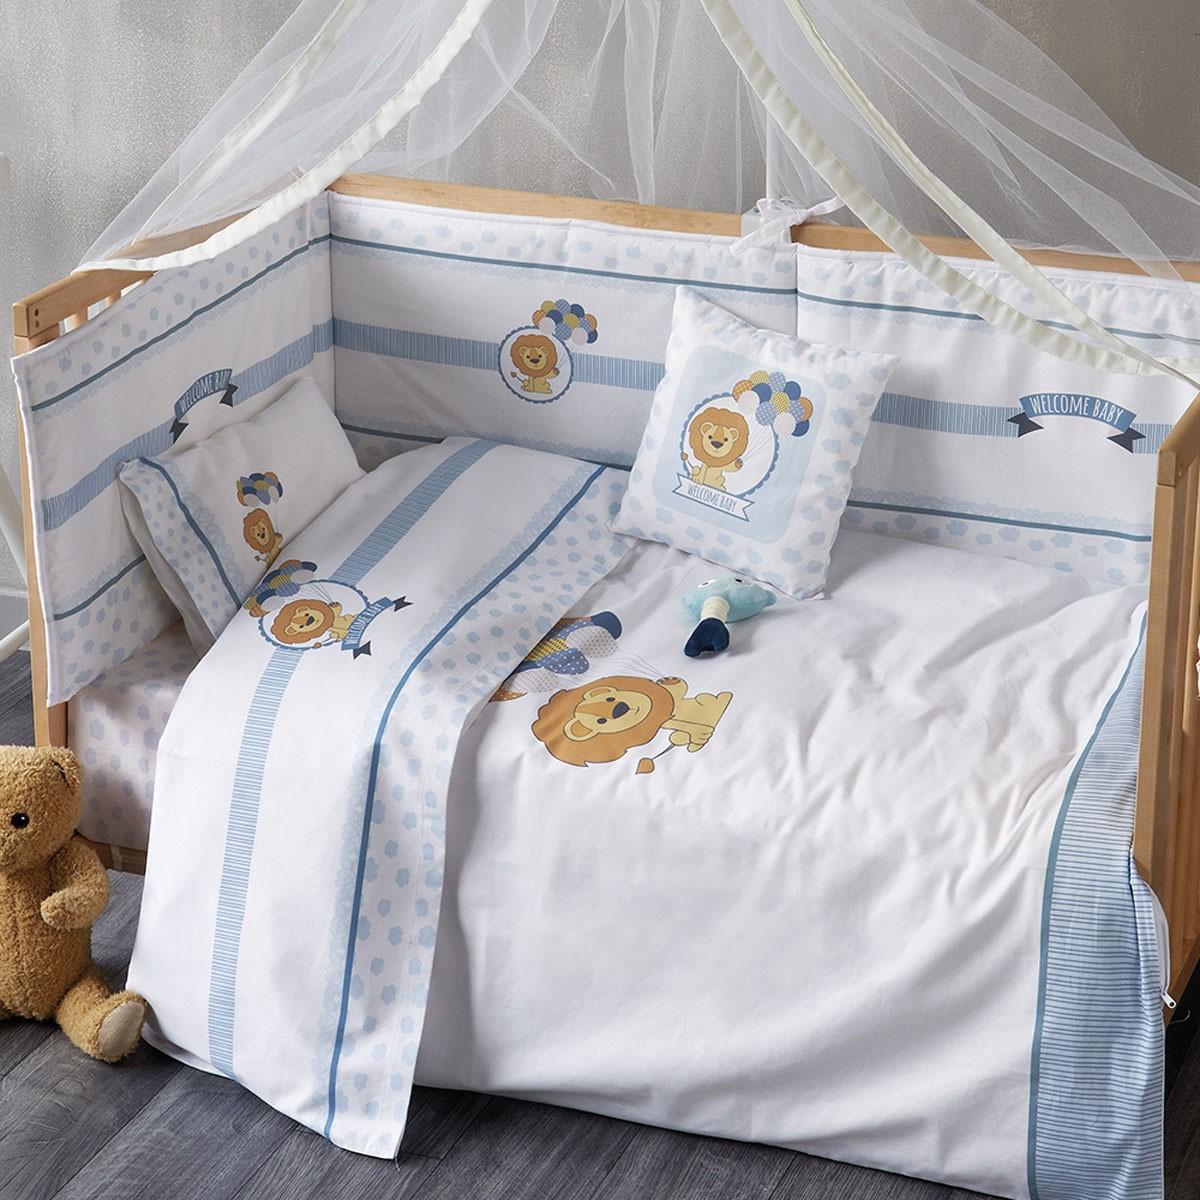 Σεντόνια Κούνιας (Σετ) Kentia Baby Welcome Baby 19